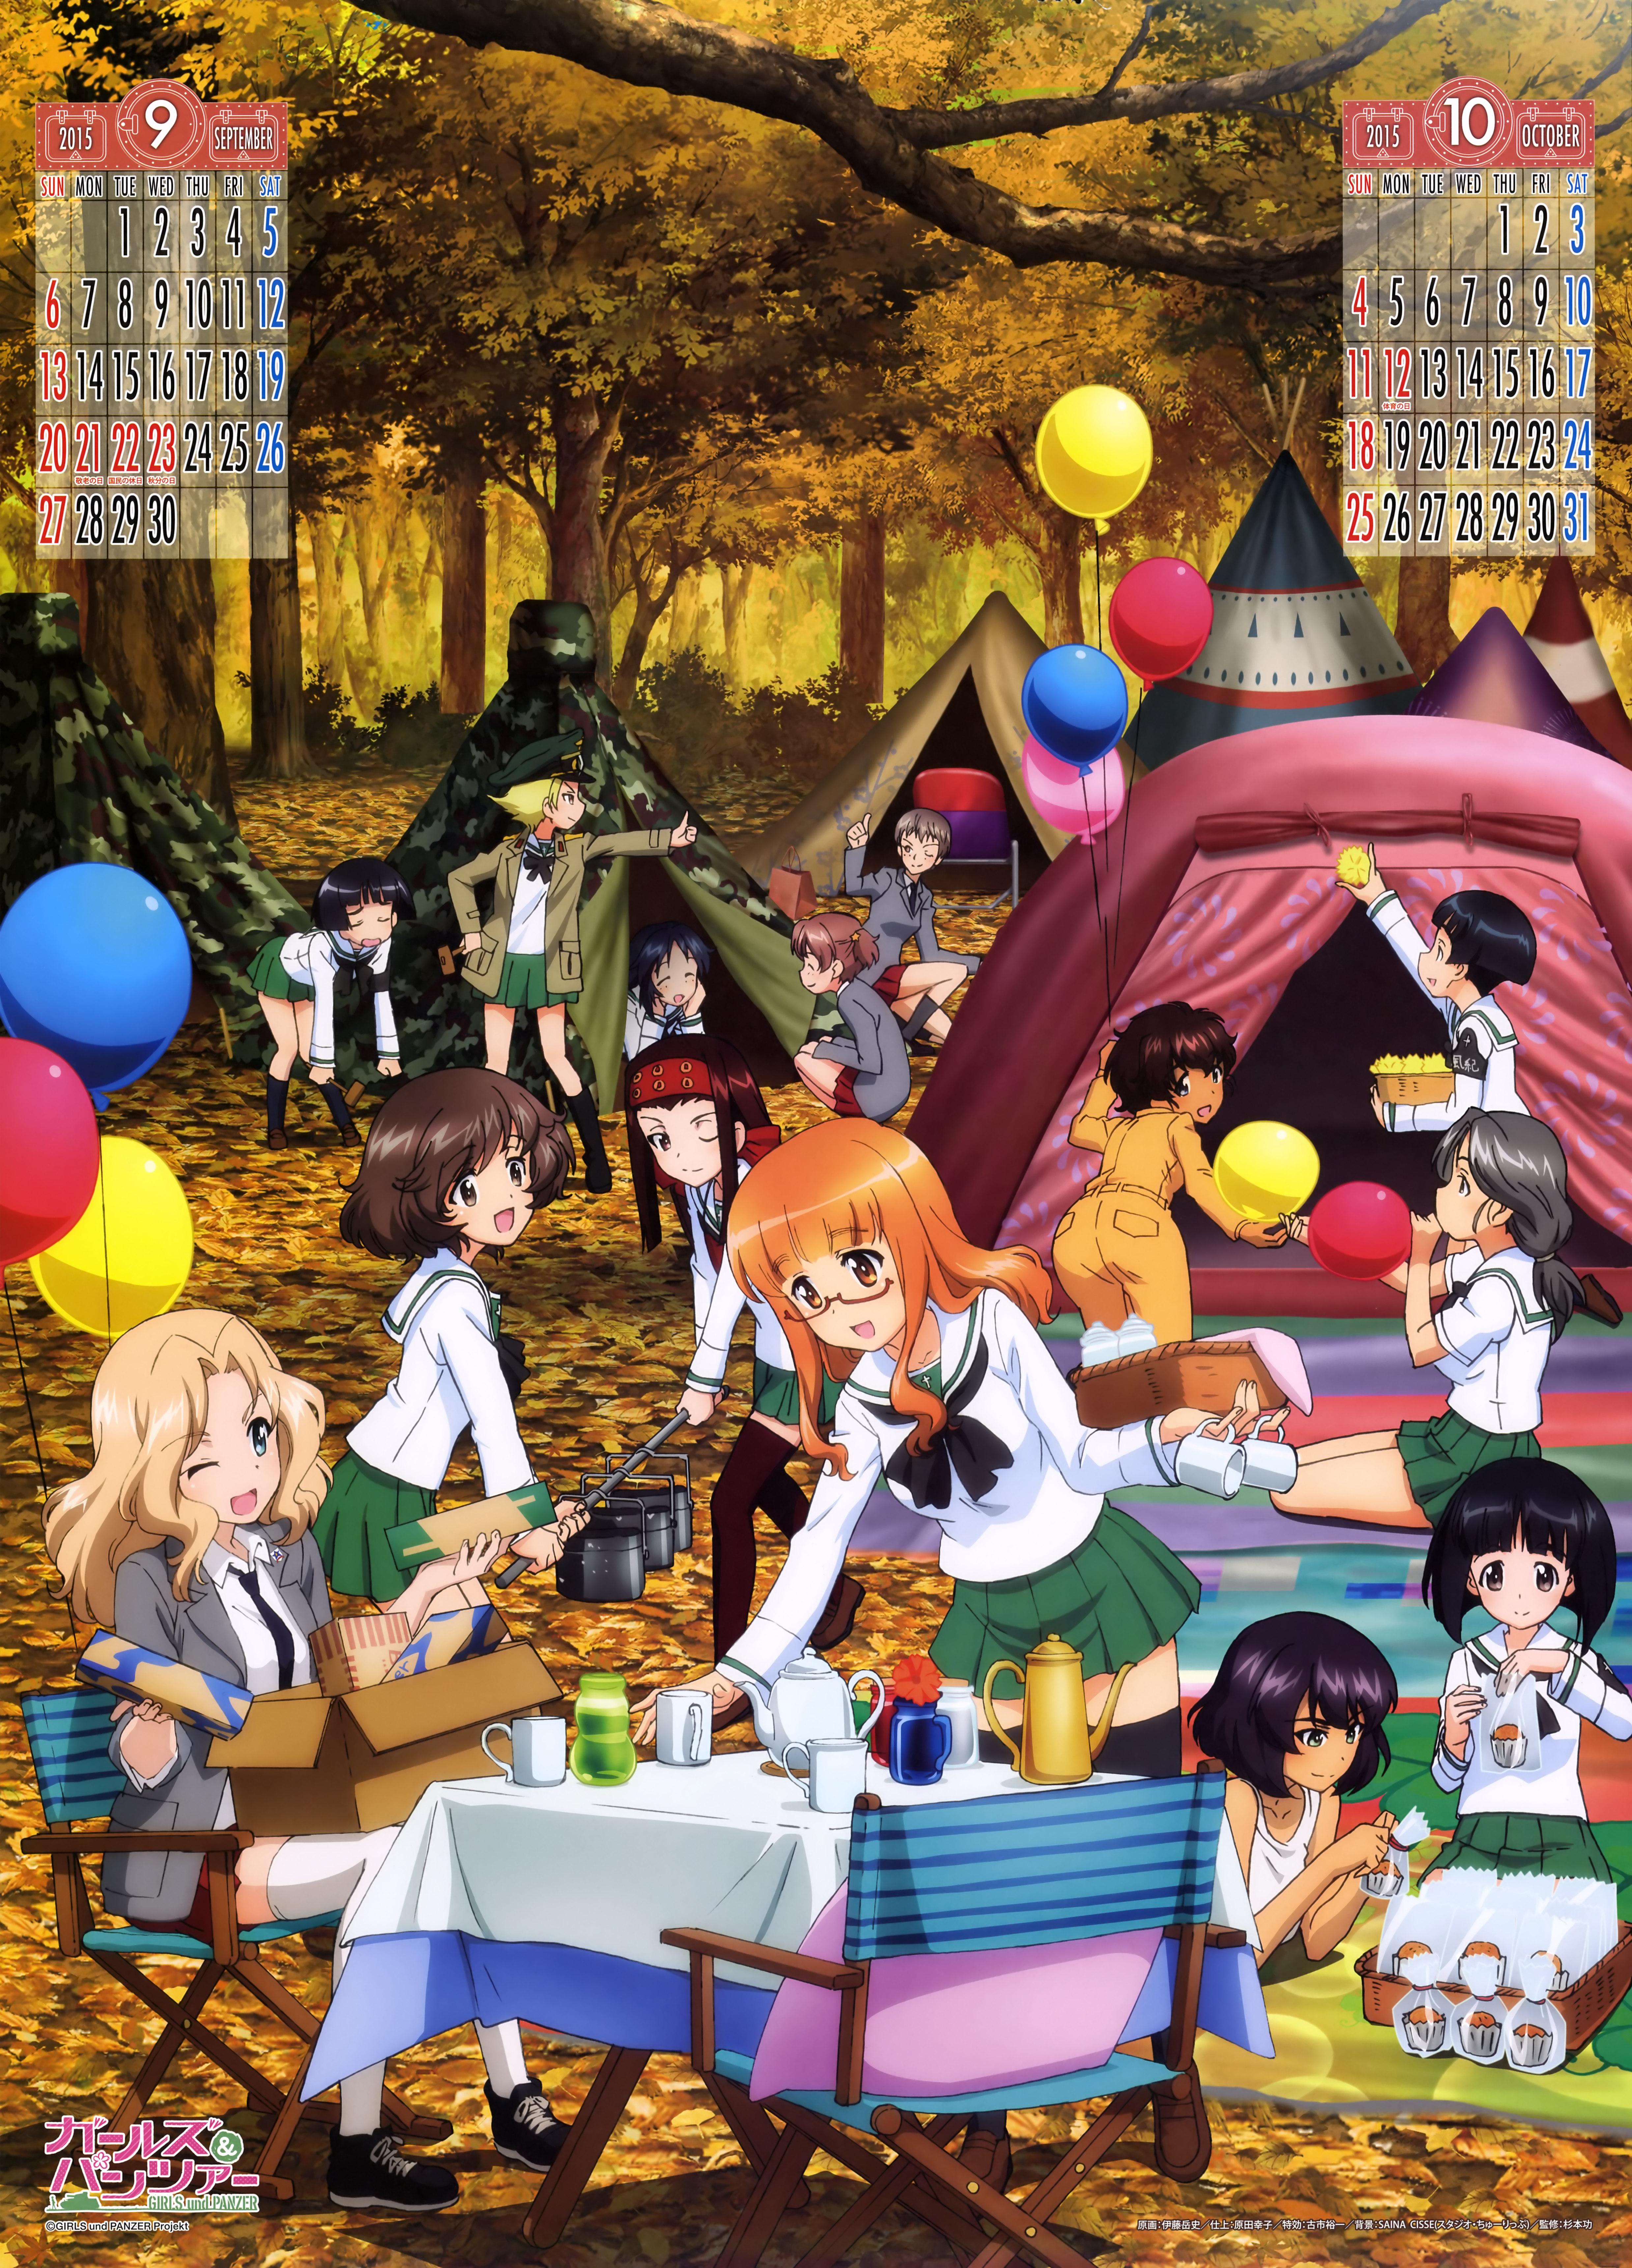 Girls und Panzer 2015 Calendar Previewed Haruhichan.com Gurapan calendar 6